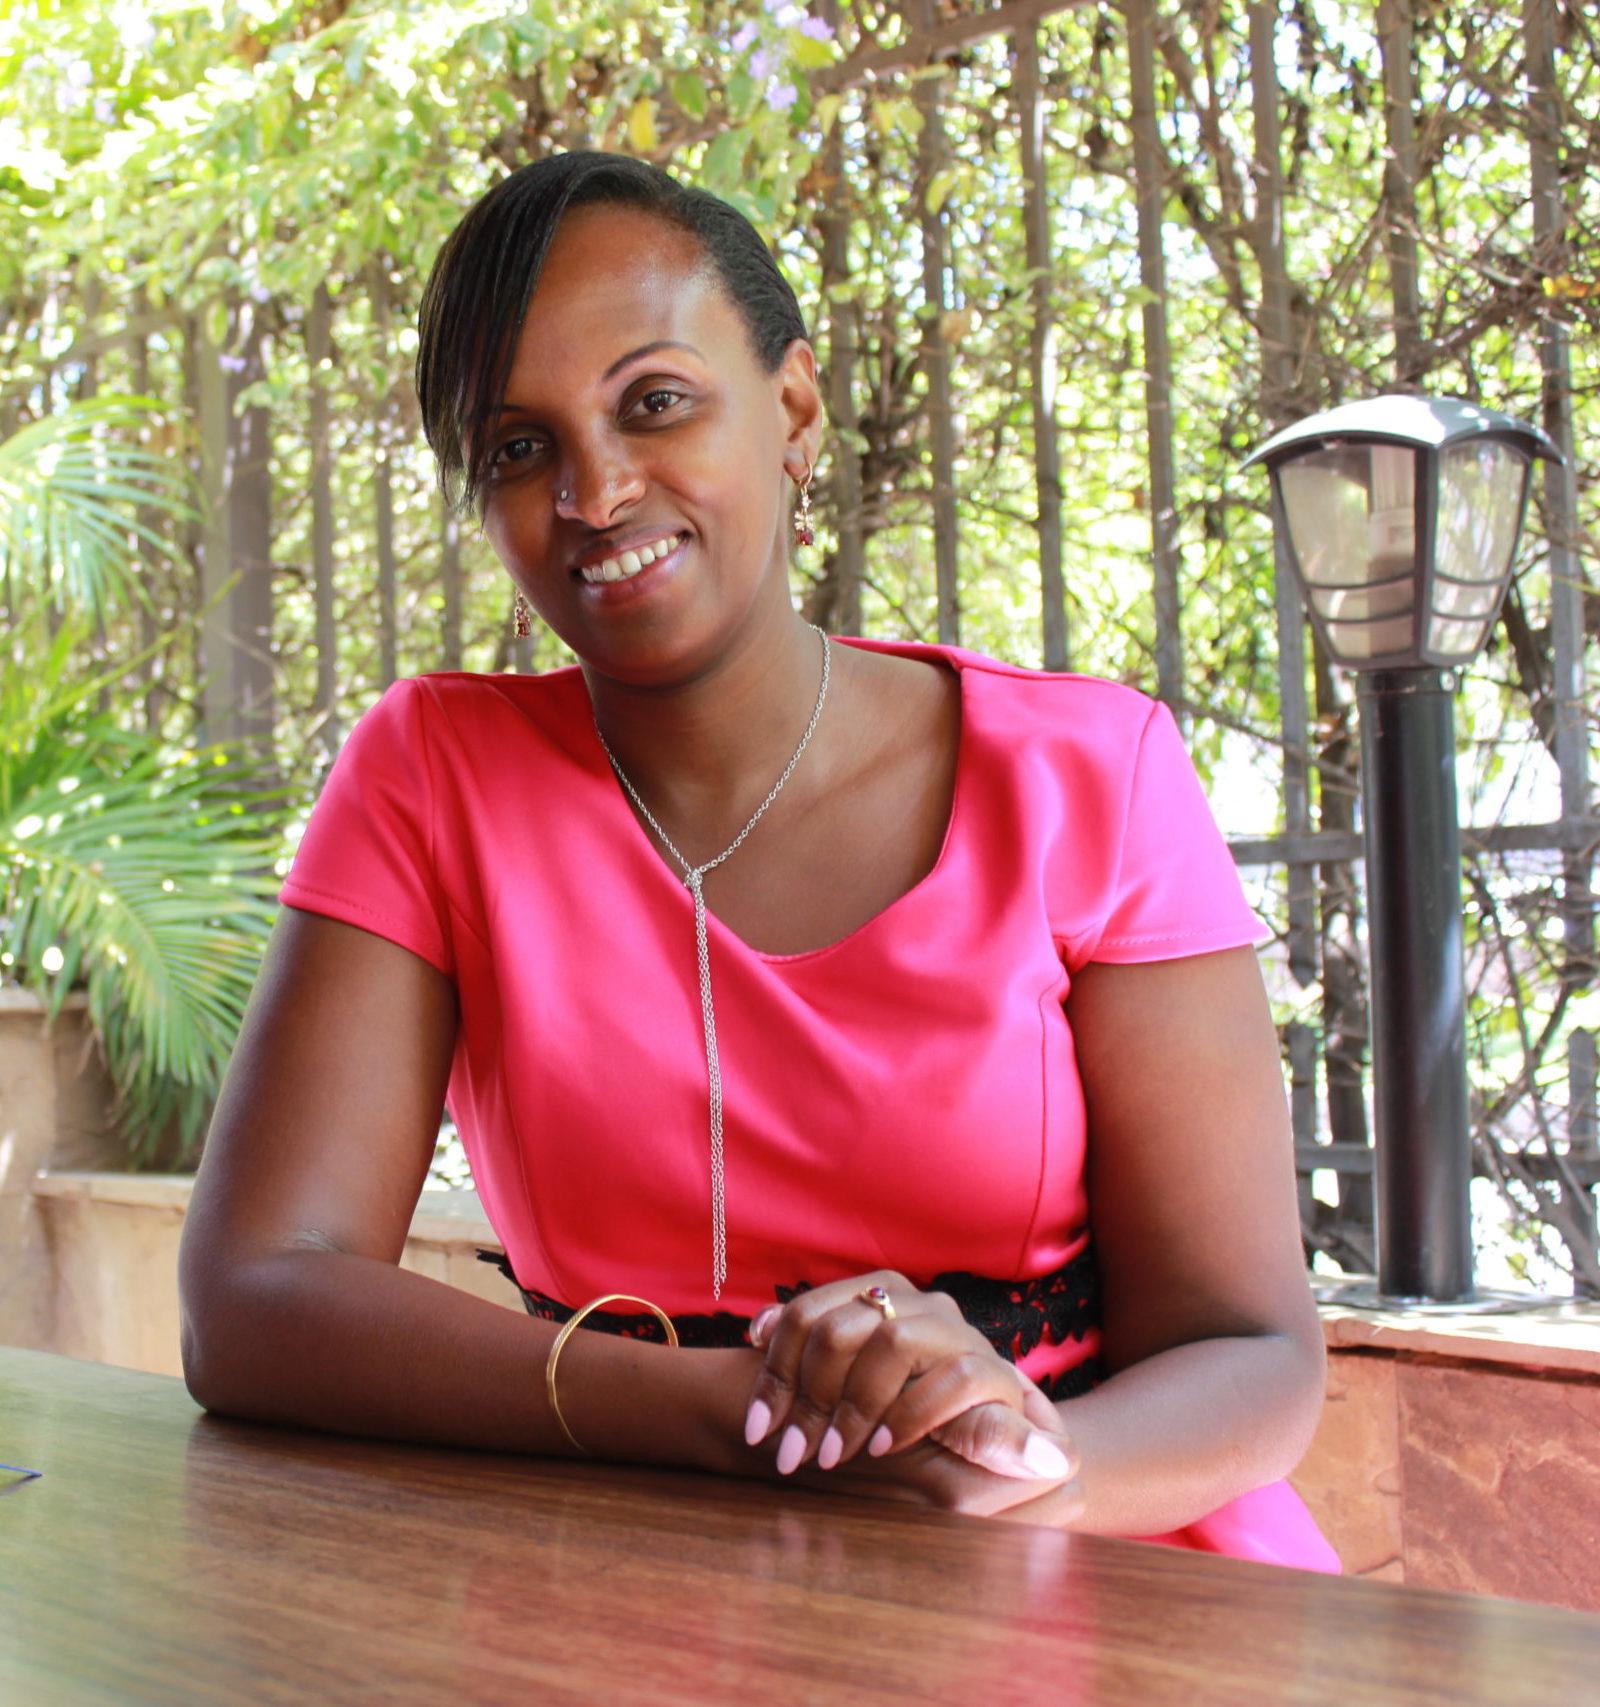 Nairobilaisen finanssikonsultin Tania Ngiman mielestä Kenian keskiluokan pitäisi auttaa köyhempiään haastamalla poliitikot etenkin sosiaalisessa mediassa.